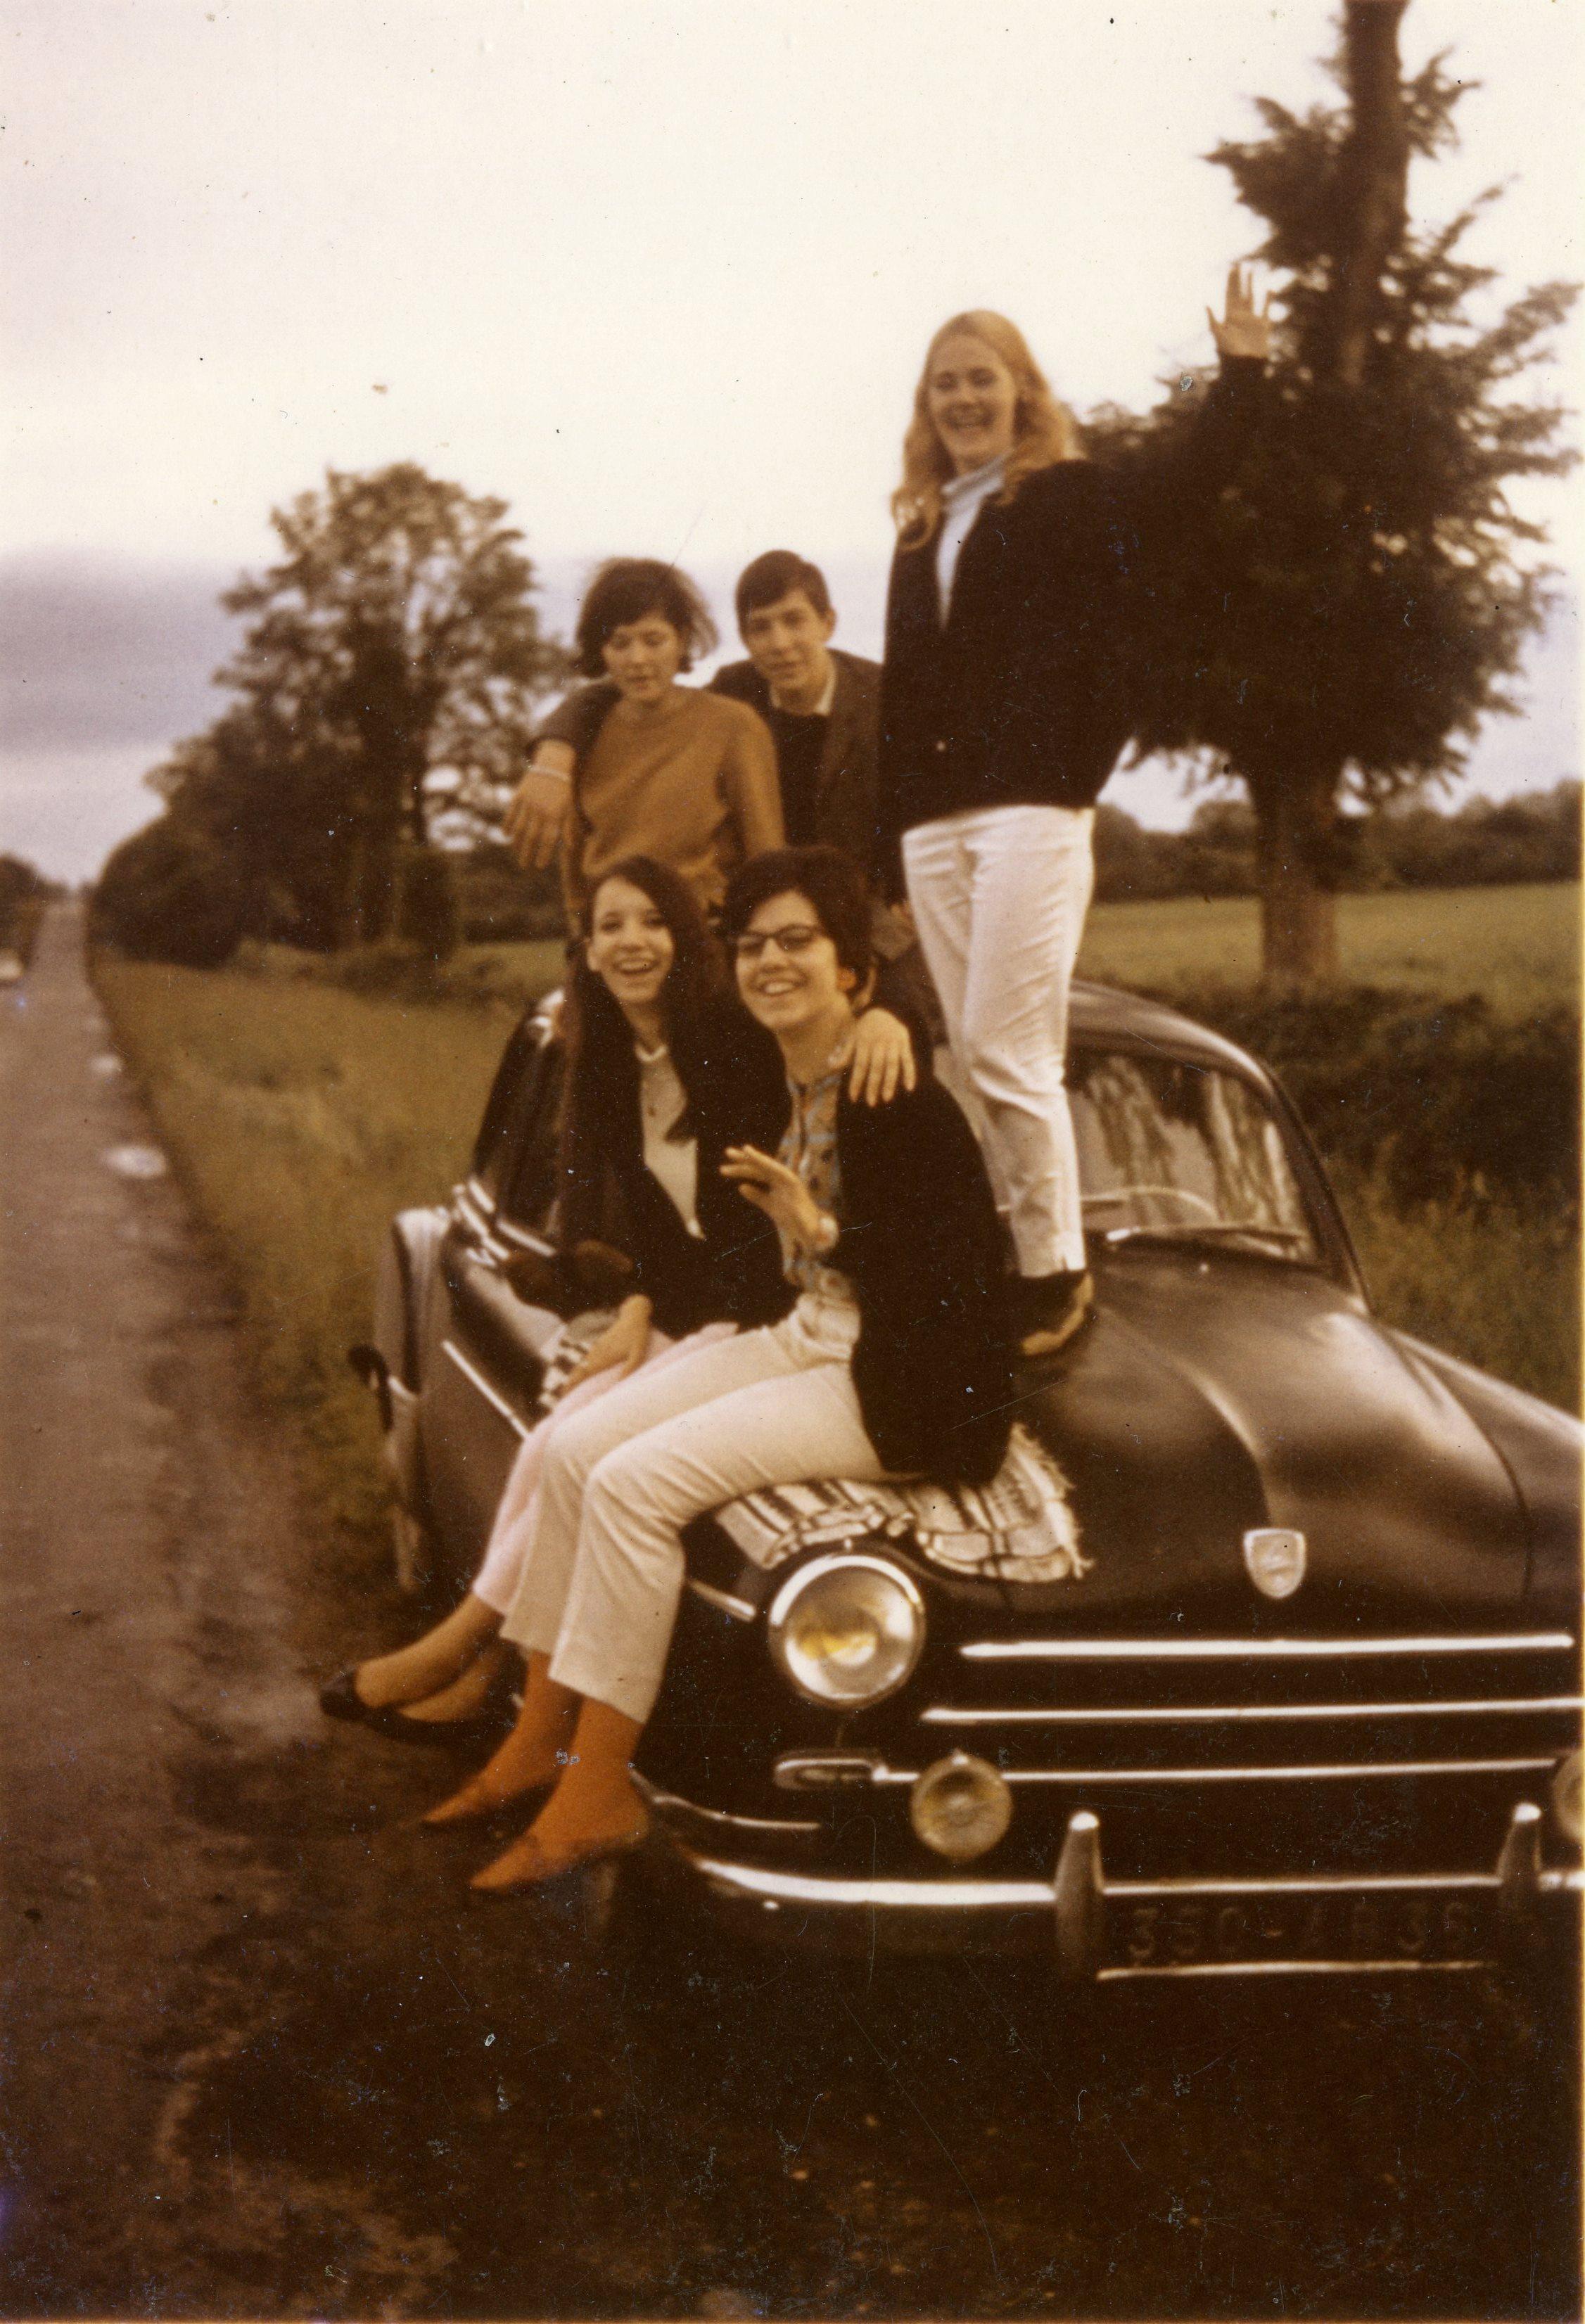 Jeunes thiaulins dans les années 1960 : Anne-marie THIDET, Josette BÉGUIN, Claudine DARCHE, Marcel GAILLARD et Claudette MARTINAT Coll. Romain PERSONNAT